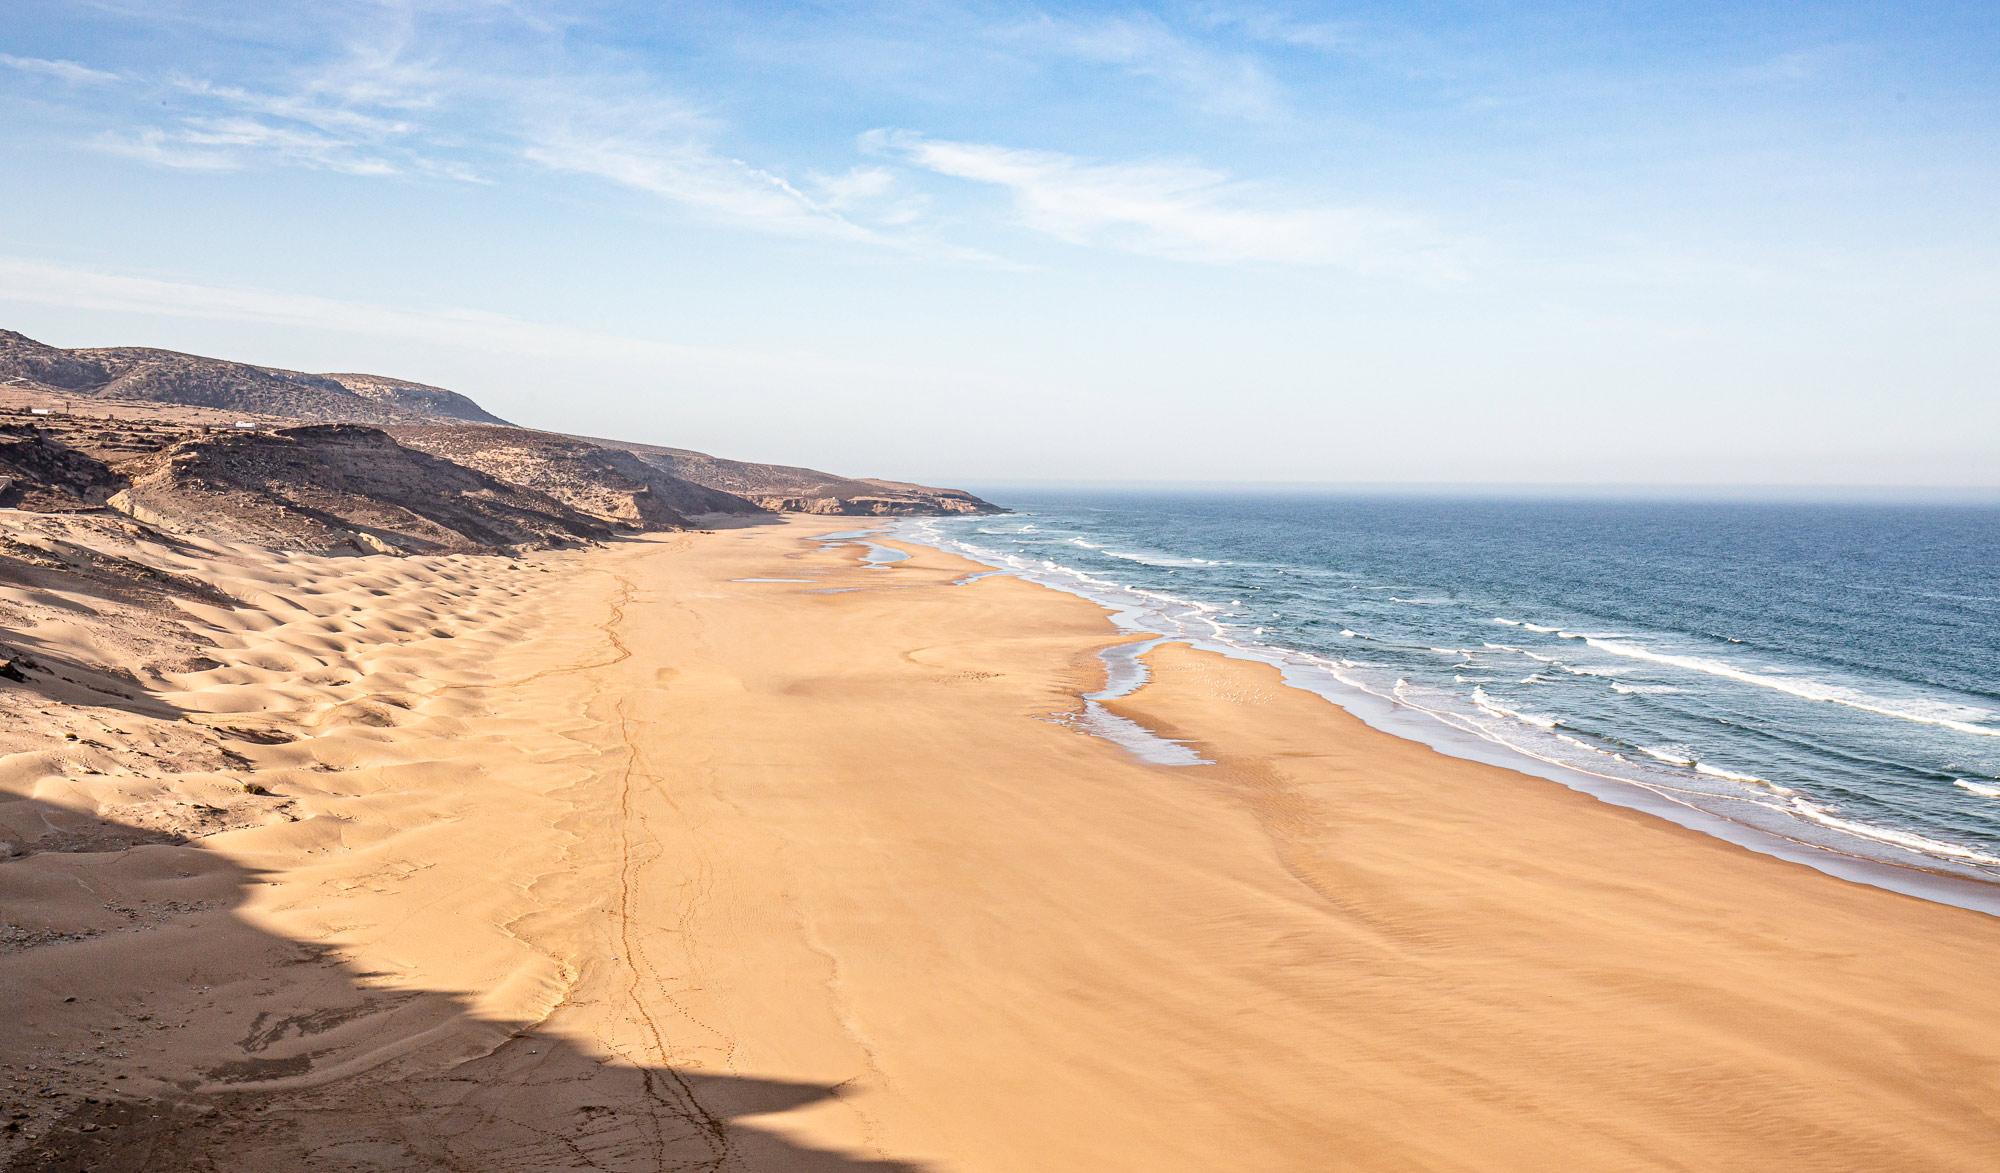 Trek au Maroc plage Sidi Ahmed Assayh